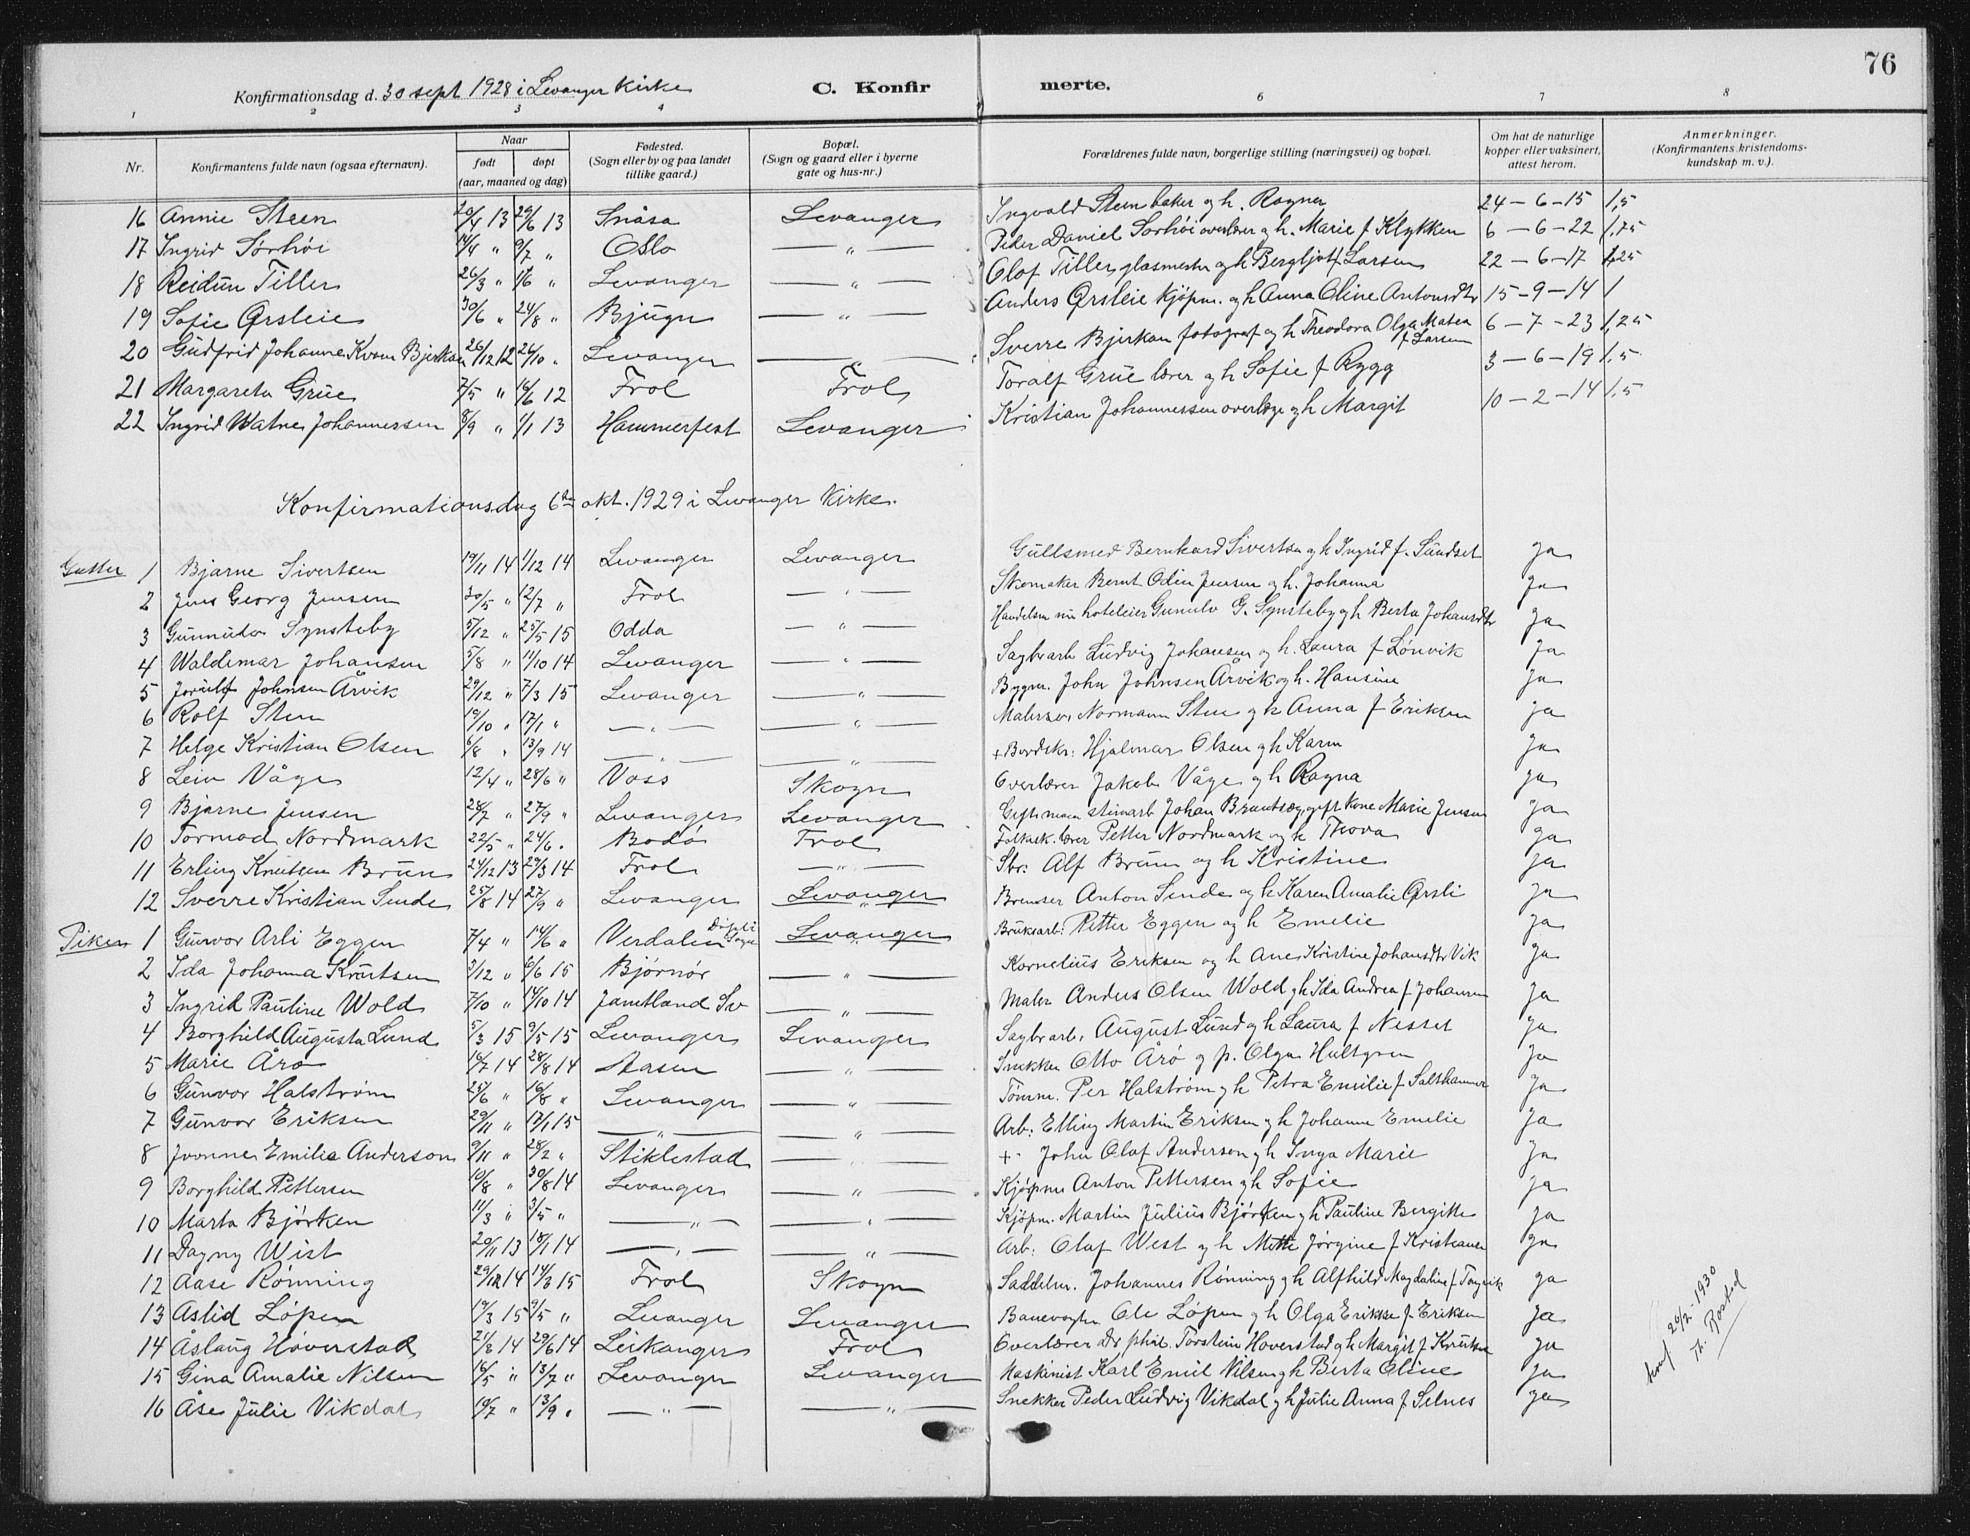 SAT, Ministerialprotokoller, klokkerbøker og fødselsregistre - Nord-Trøndelag, 720/L0193: Klokkerbok nr. 720C02, 1918-1941, s. 76